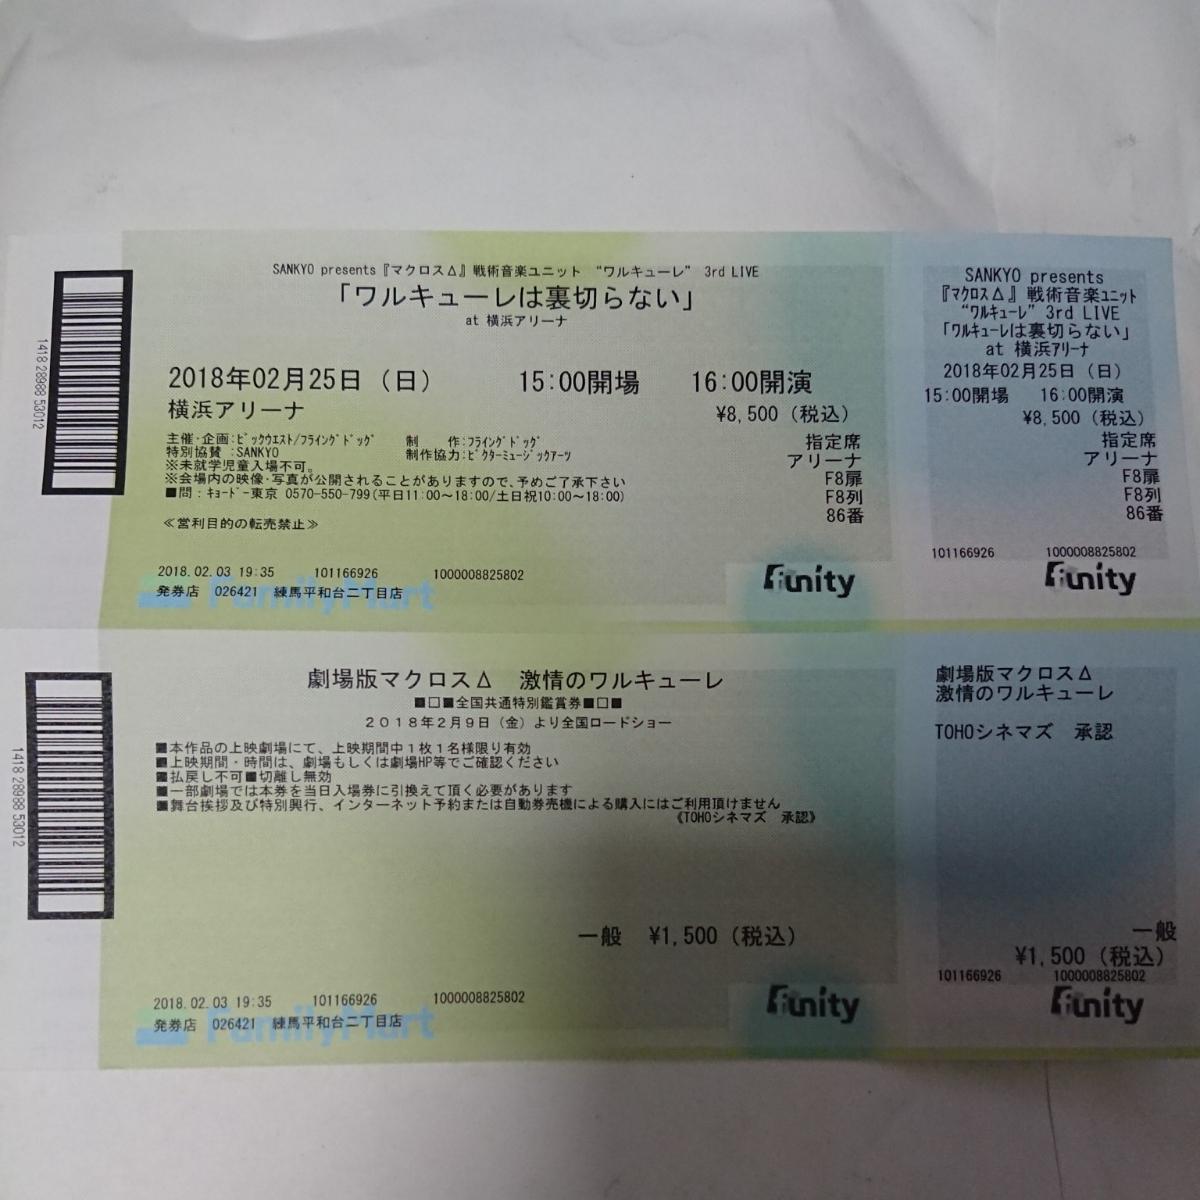 2/25(日) マクロスΔ ワルキューレ 3rd LIVE ワルキューレは裏切らない 横浜アリーナ 映画前売券付き